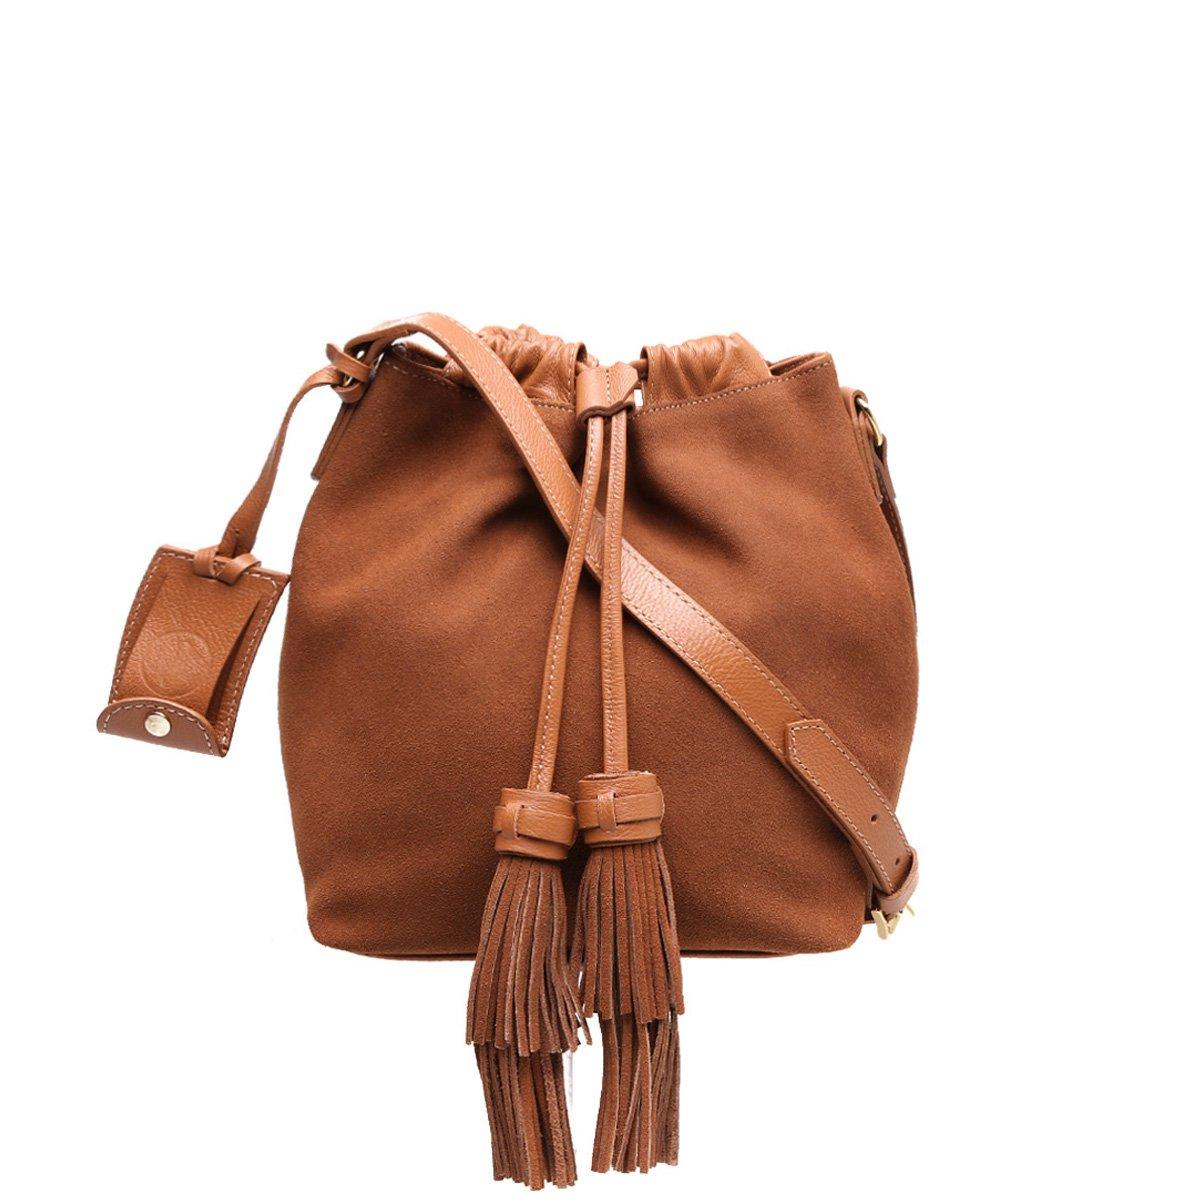 Bolsa De Couro Tipo Saco : Bolsa couro shoestock saco barbicachos feminina caramelo